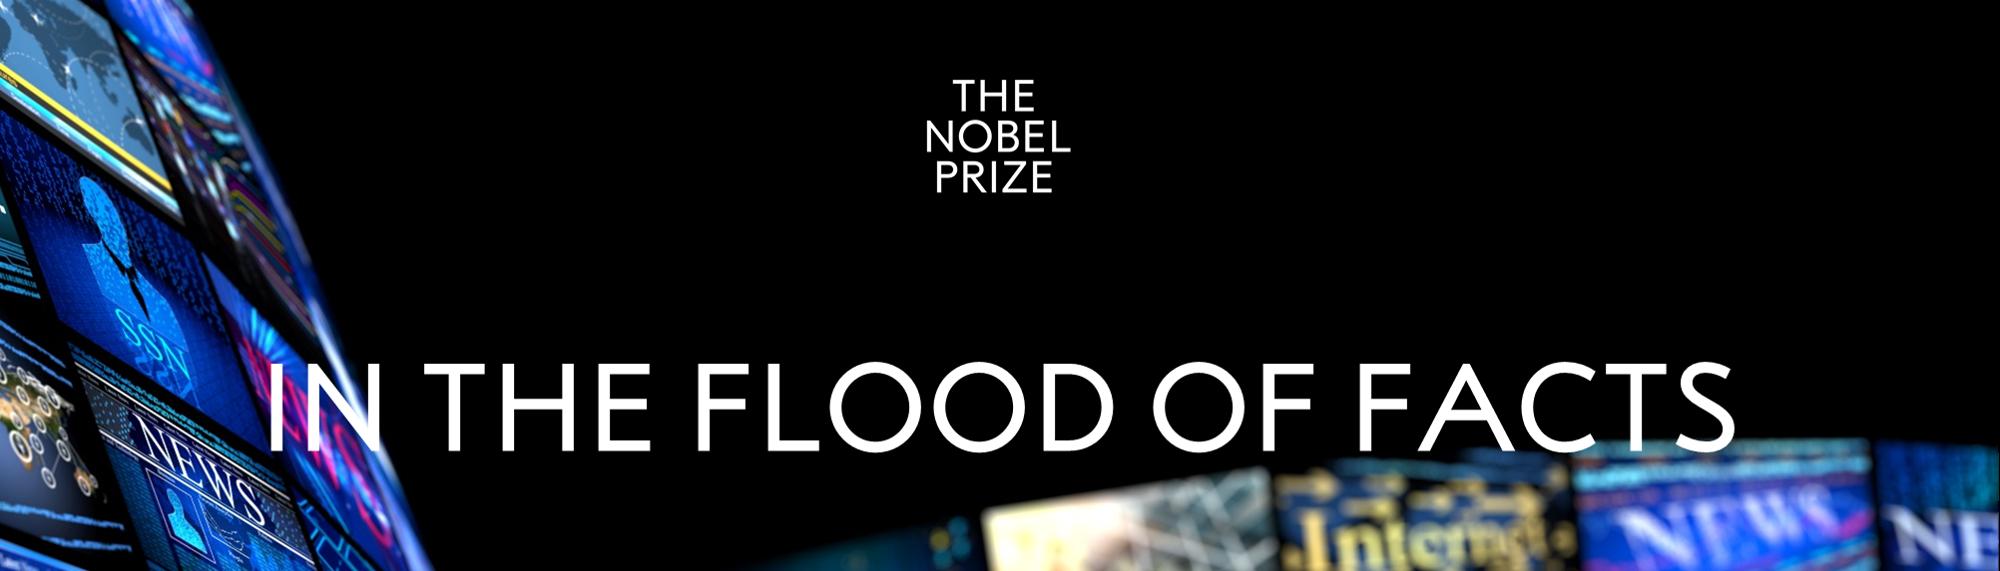 Header image for Nobel Prize Teacher Summit 2021